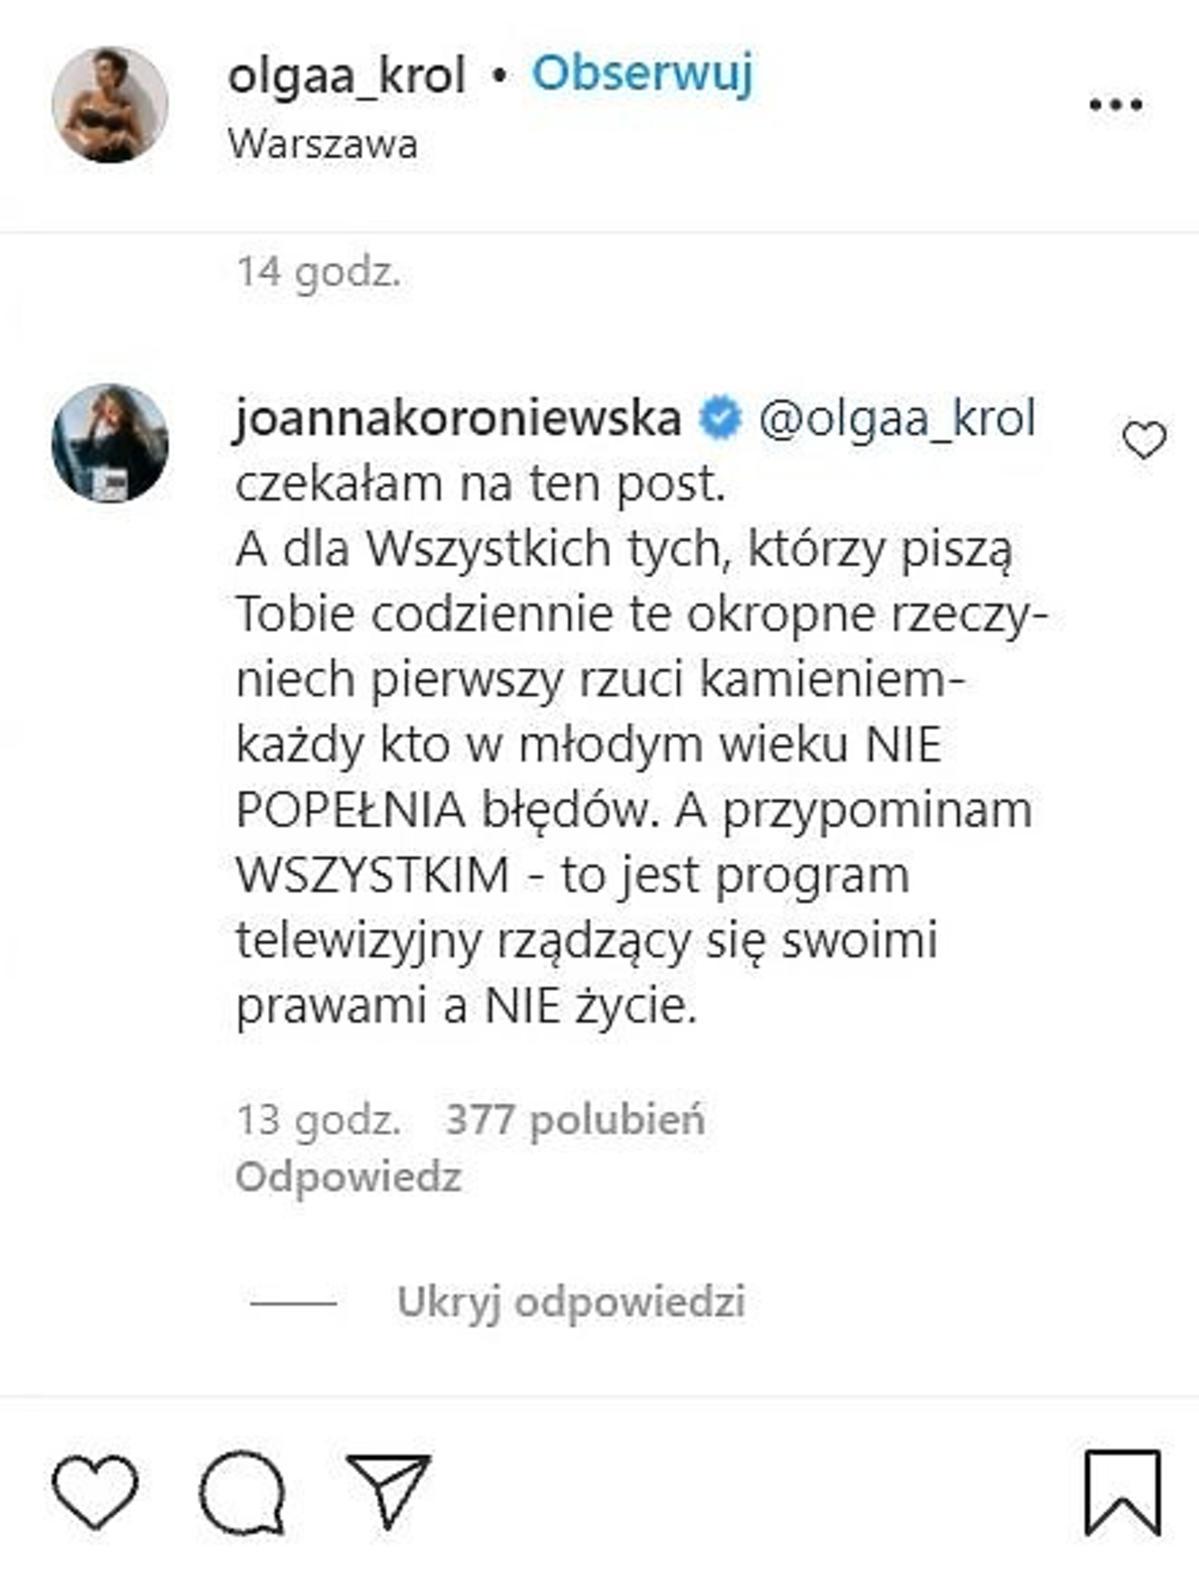 Joanna Koroniewska komentuje oświadczenie Olgi Król z Top Model